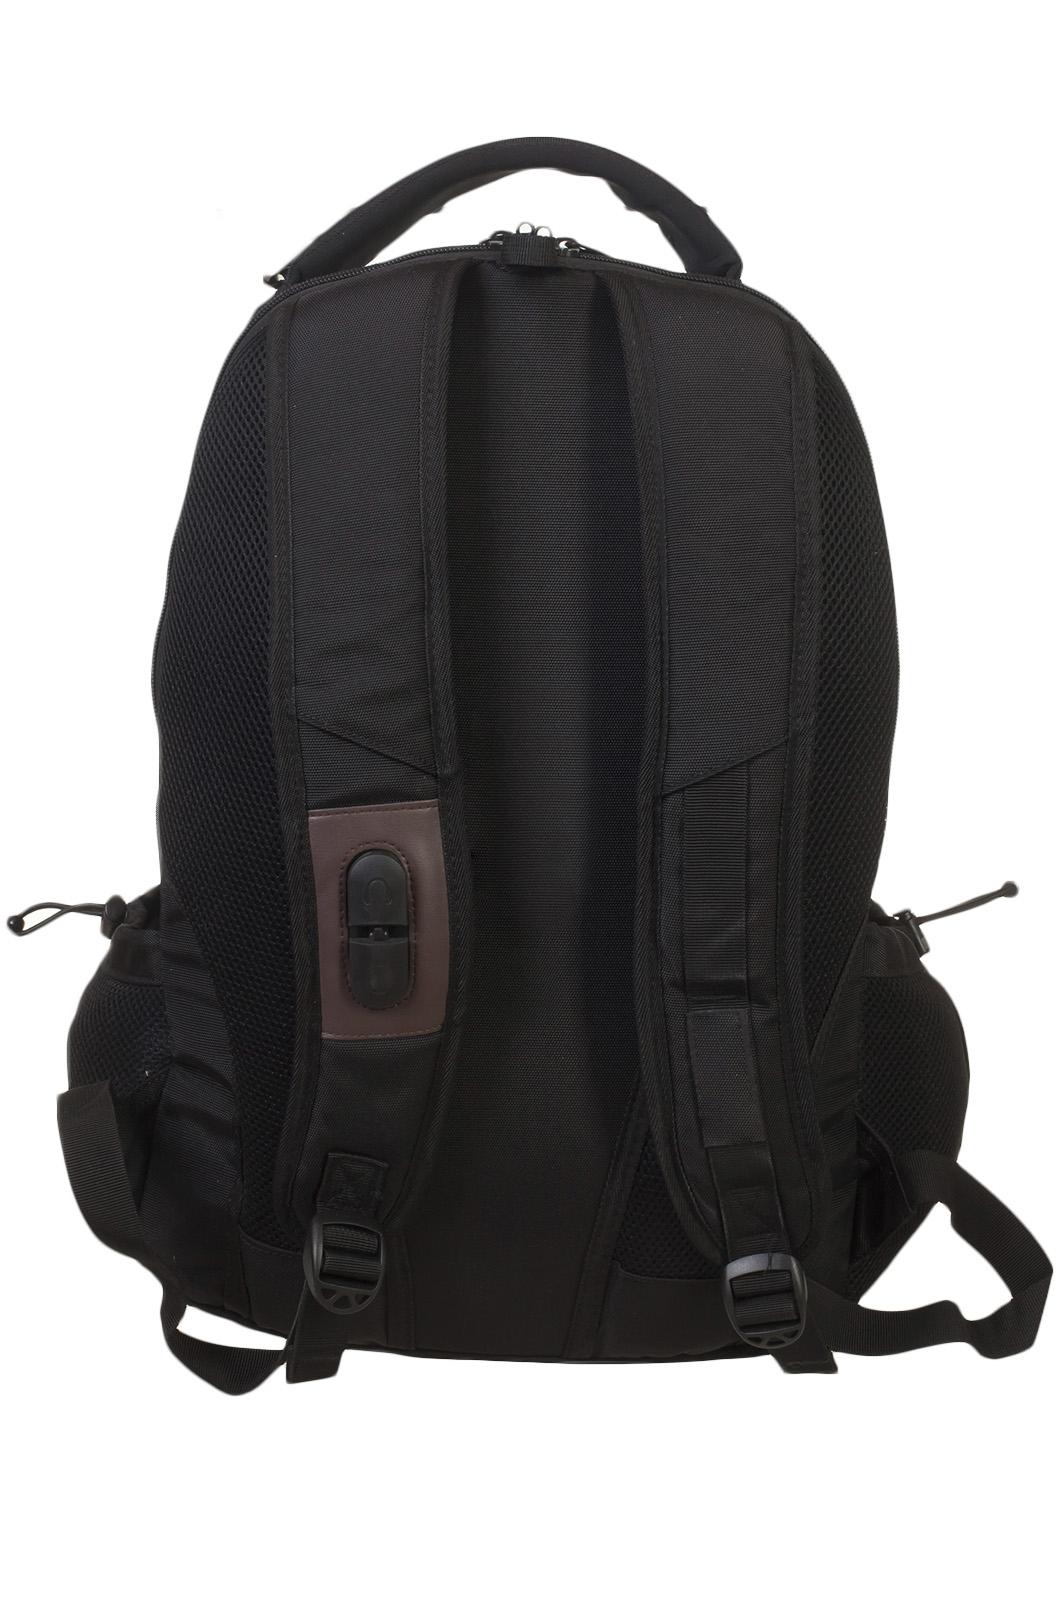 Многоцелевой эргономичный рюкзак с нашивкой ВВС - заказать по низкой цене